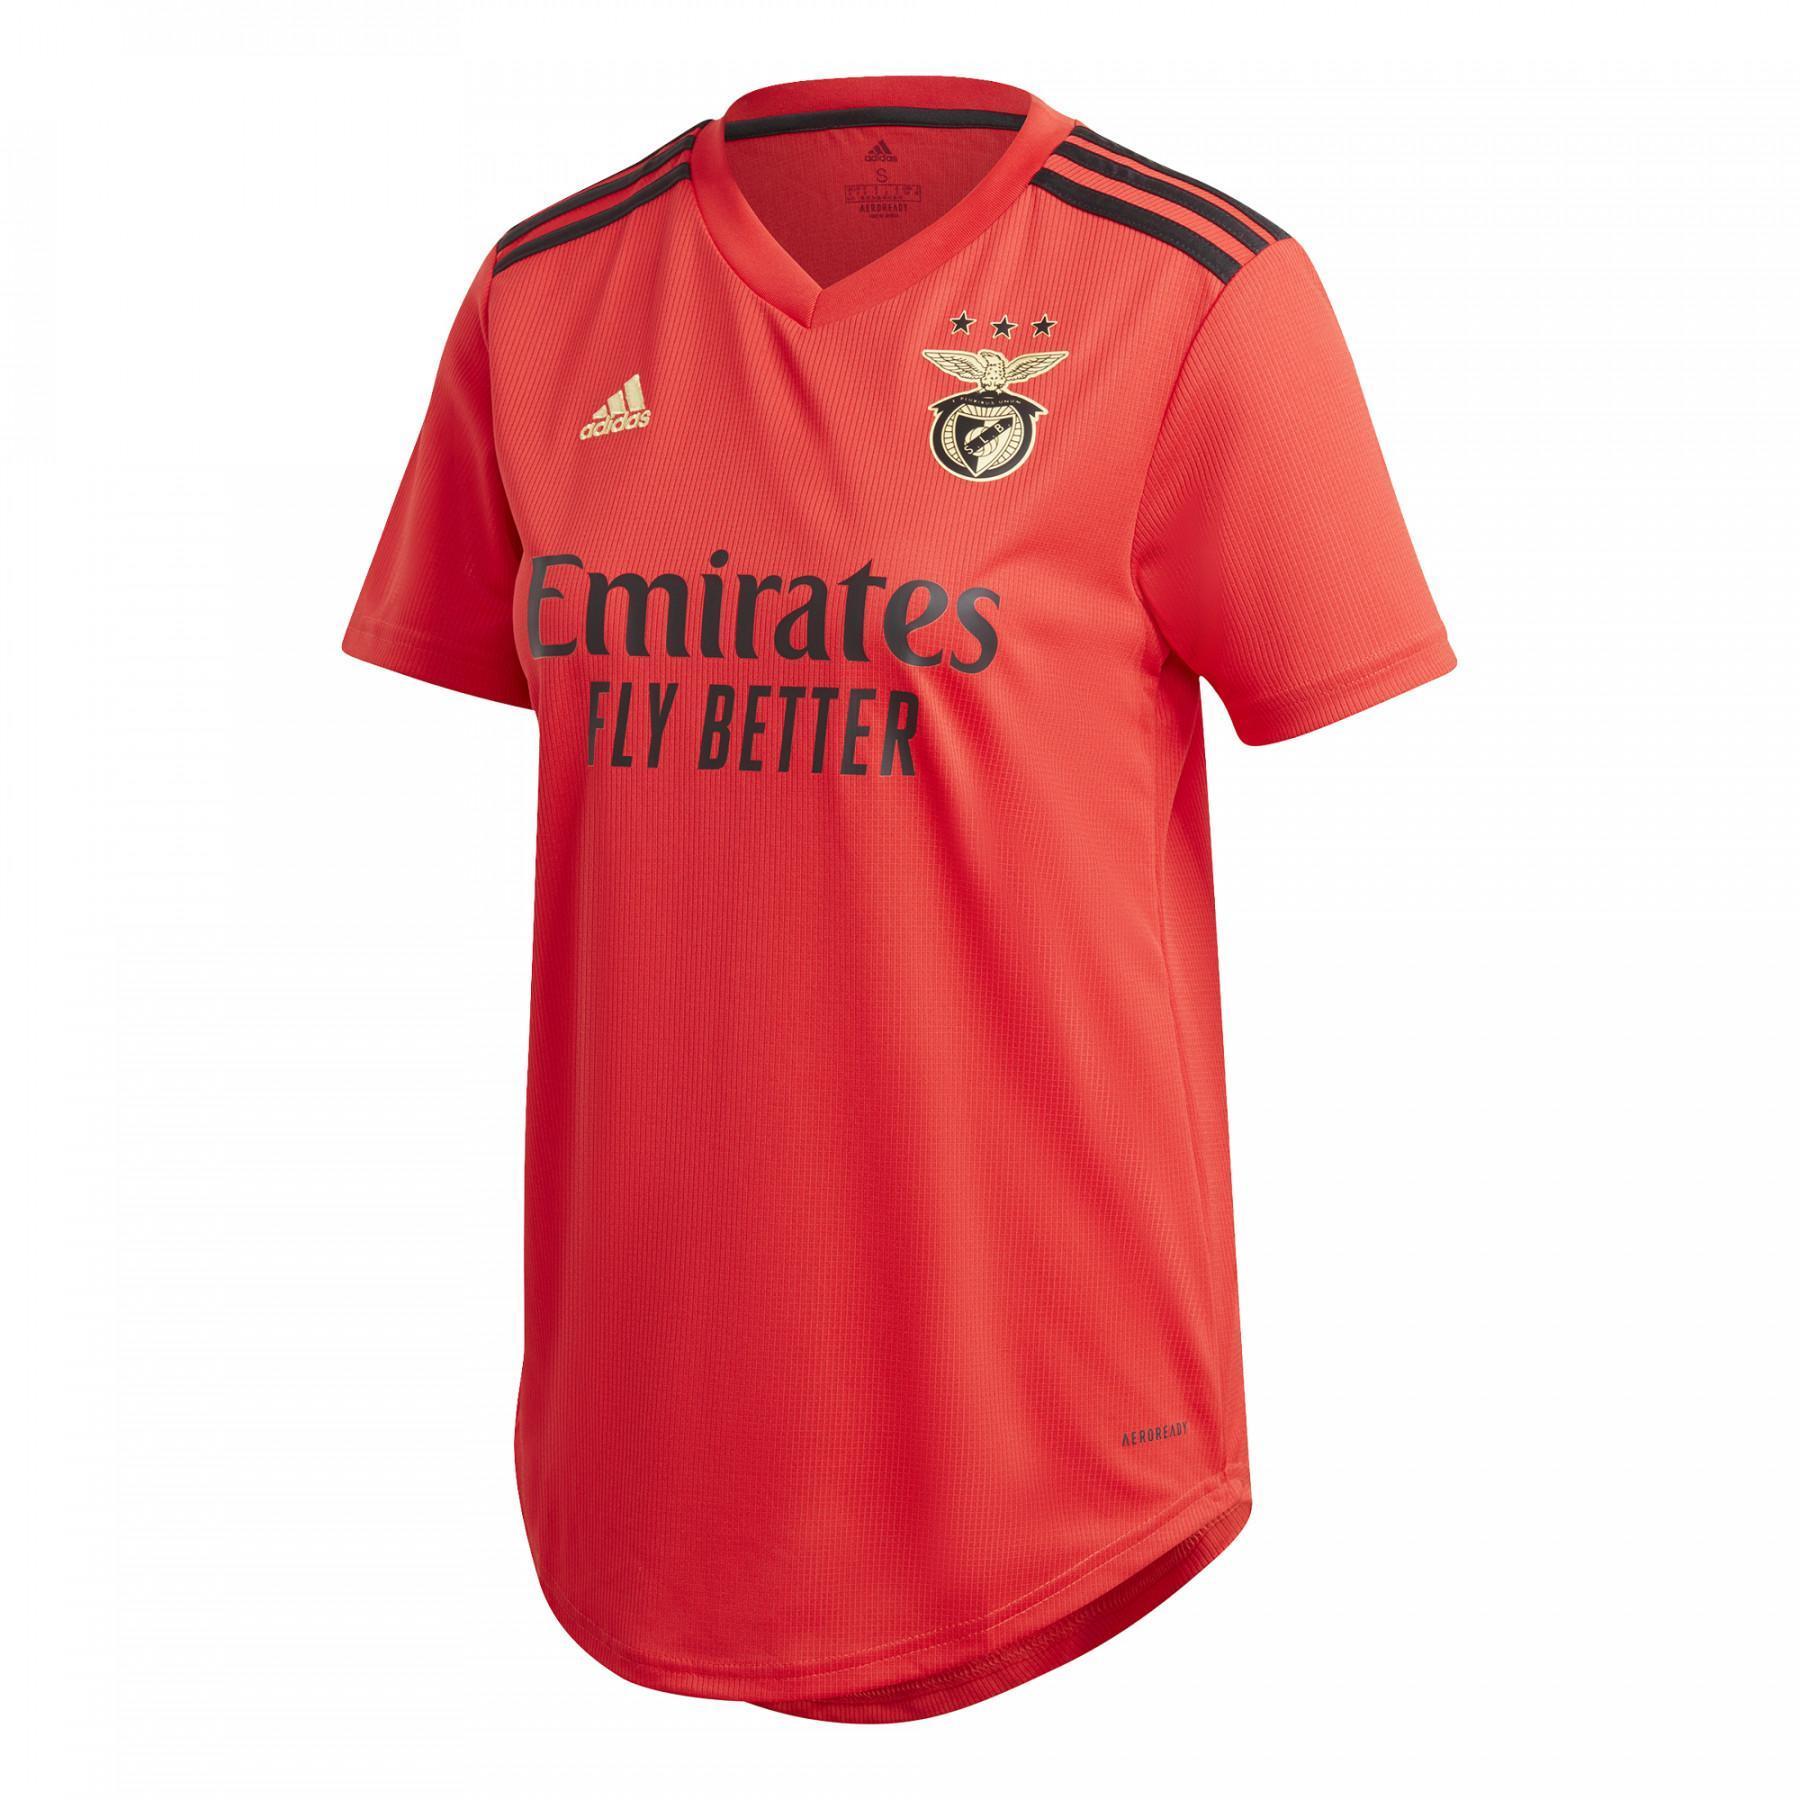 Benfica 20/21 women's home jersey